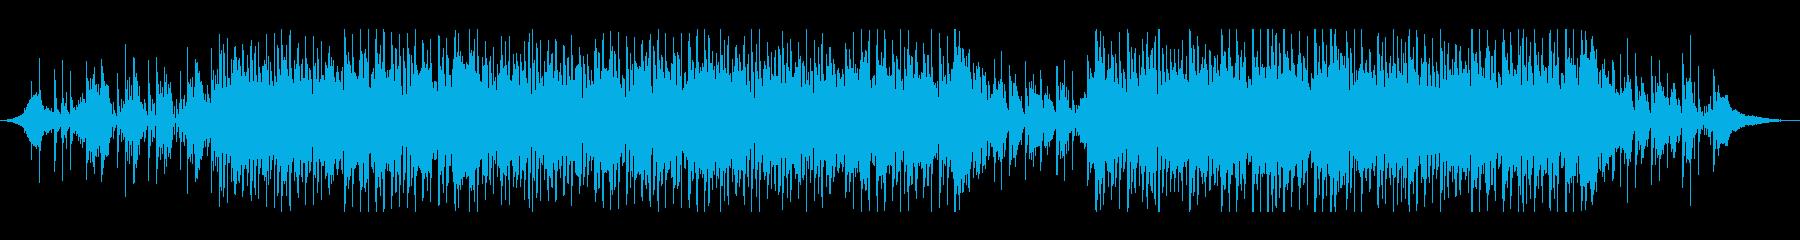 ミドルテンポのスリリングなBGMの再生済みの波形